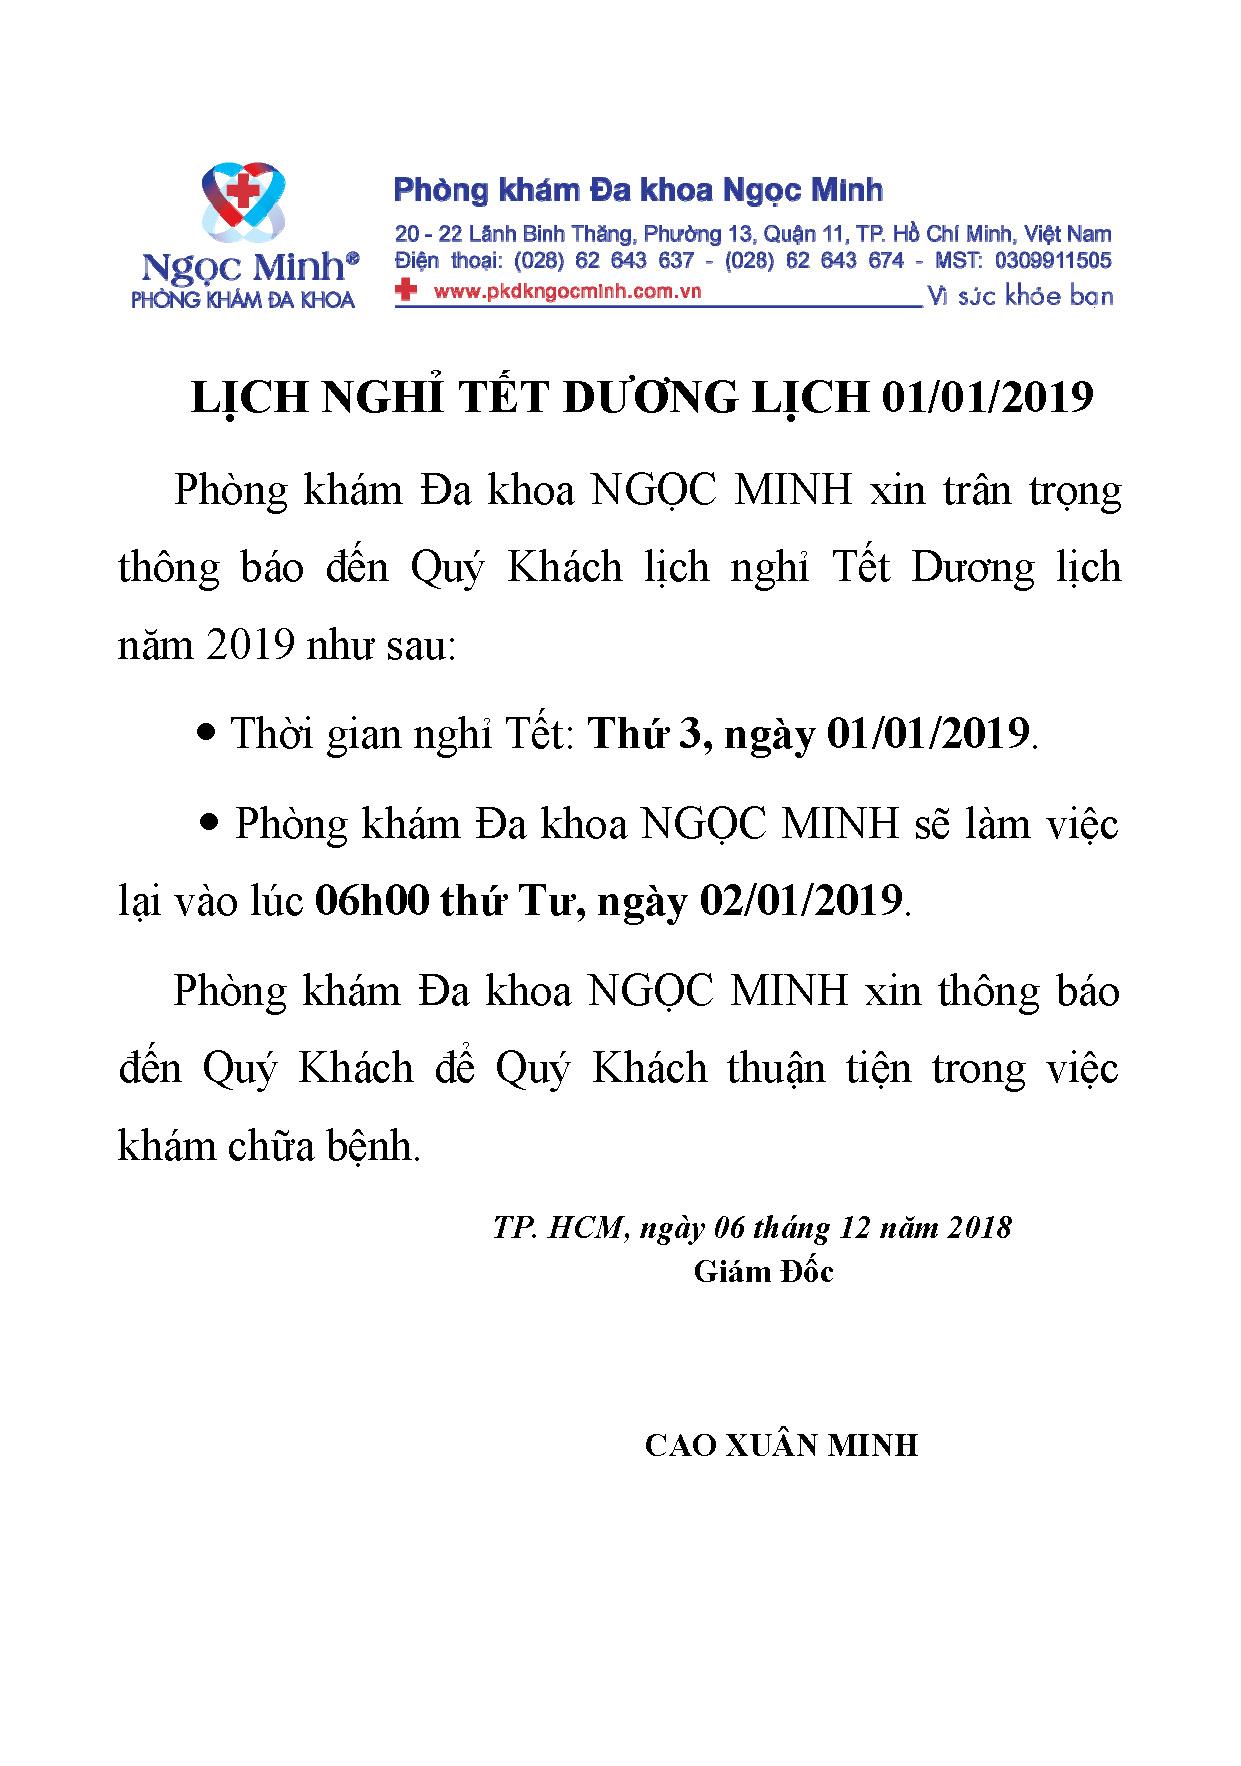 THONG BAO NGHI TET 01-01-2019__DÁN CỔNG_